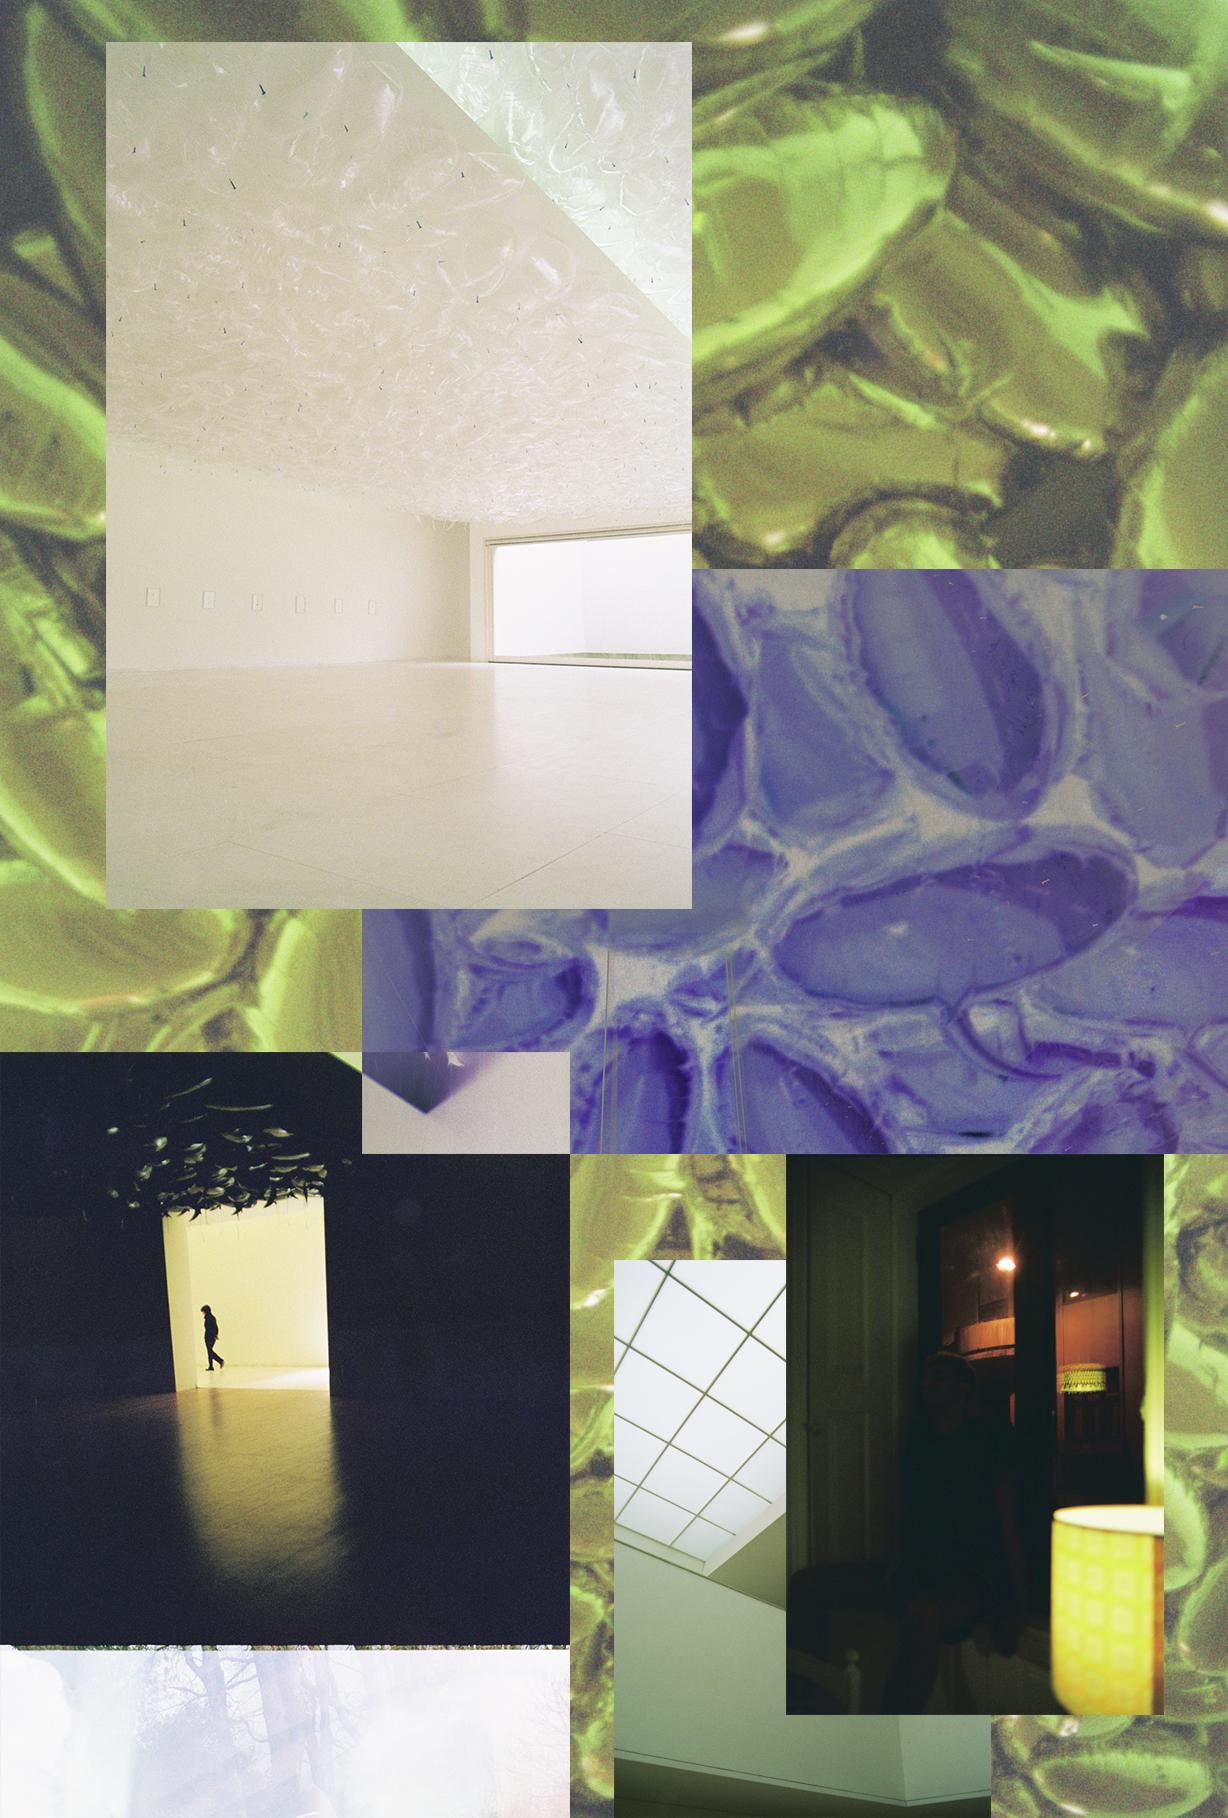 analog collage.jpg